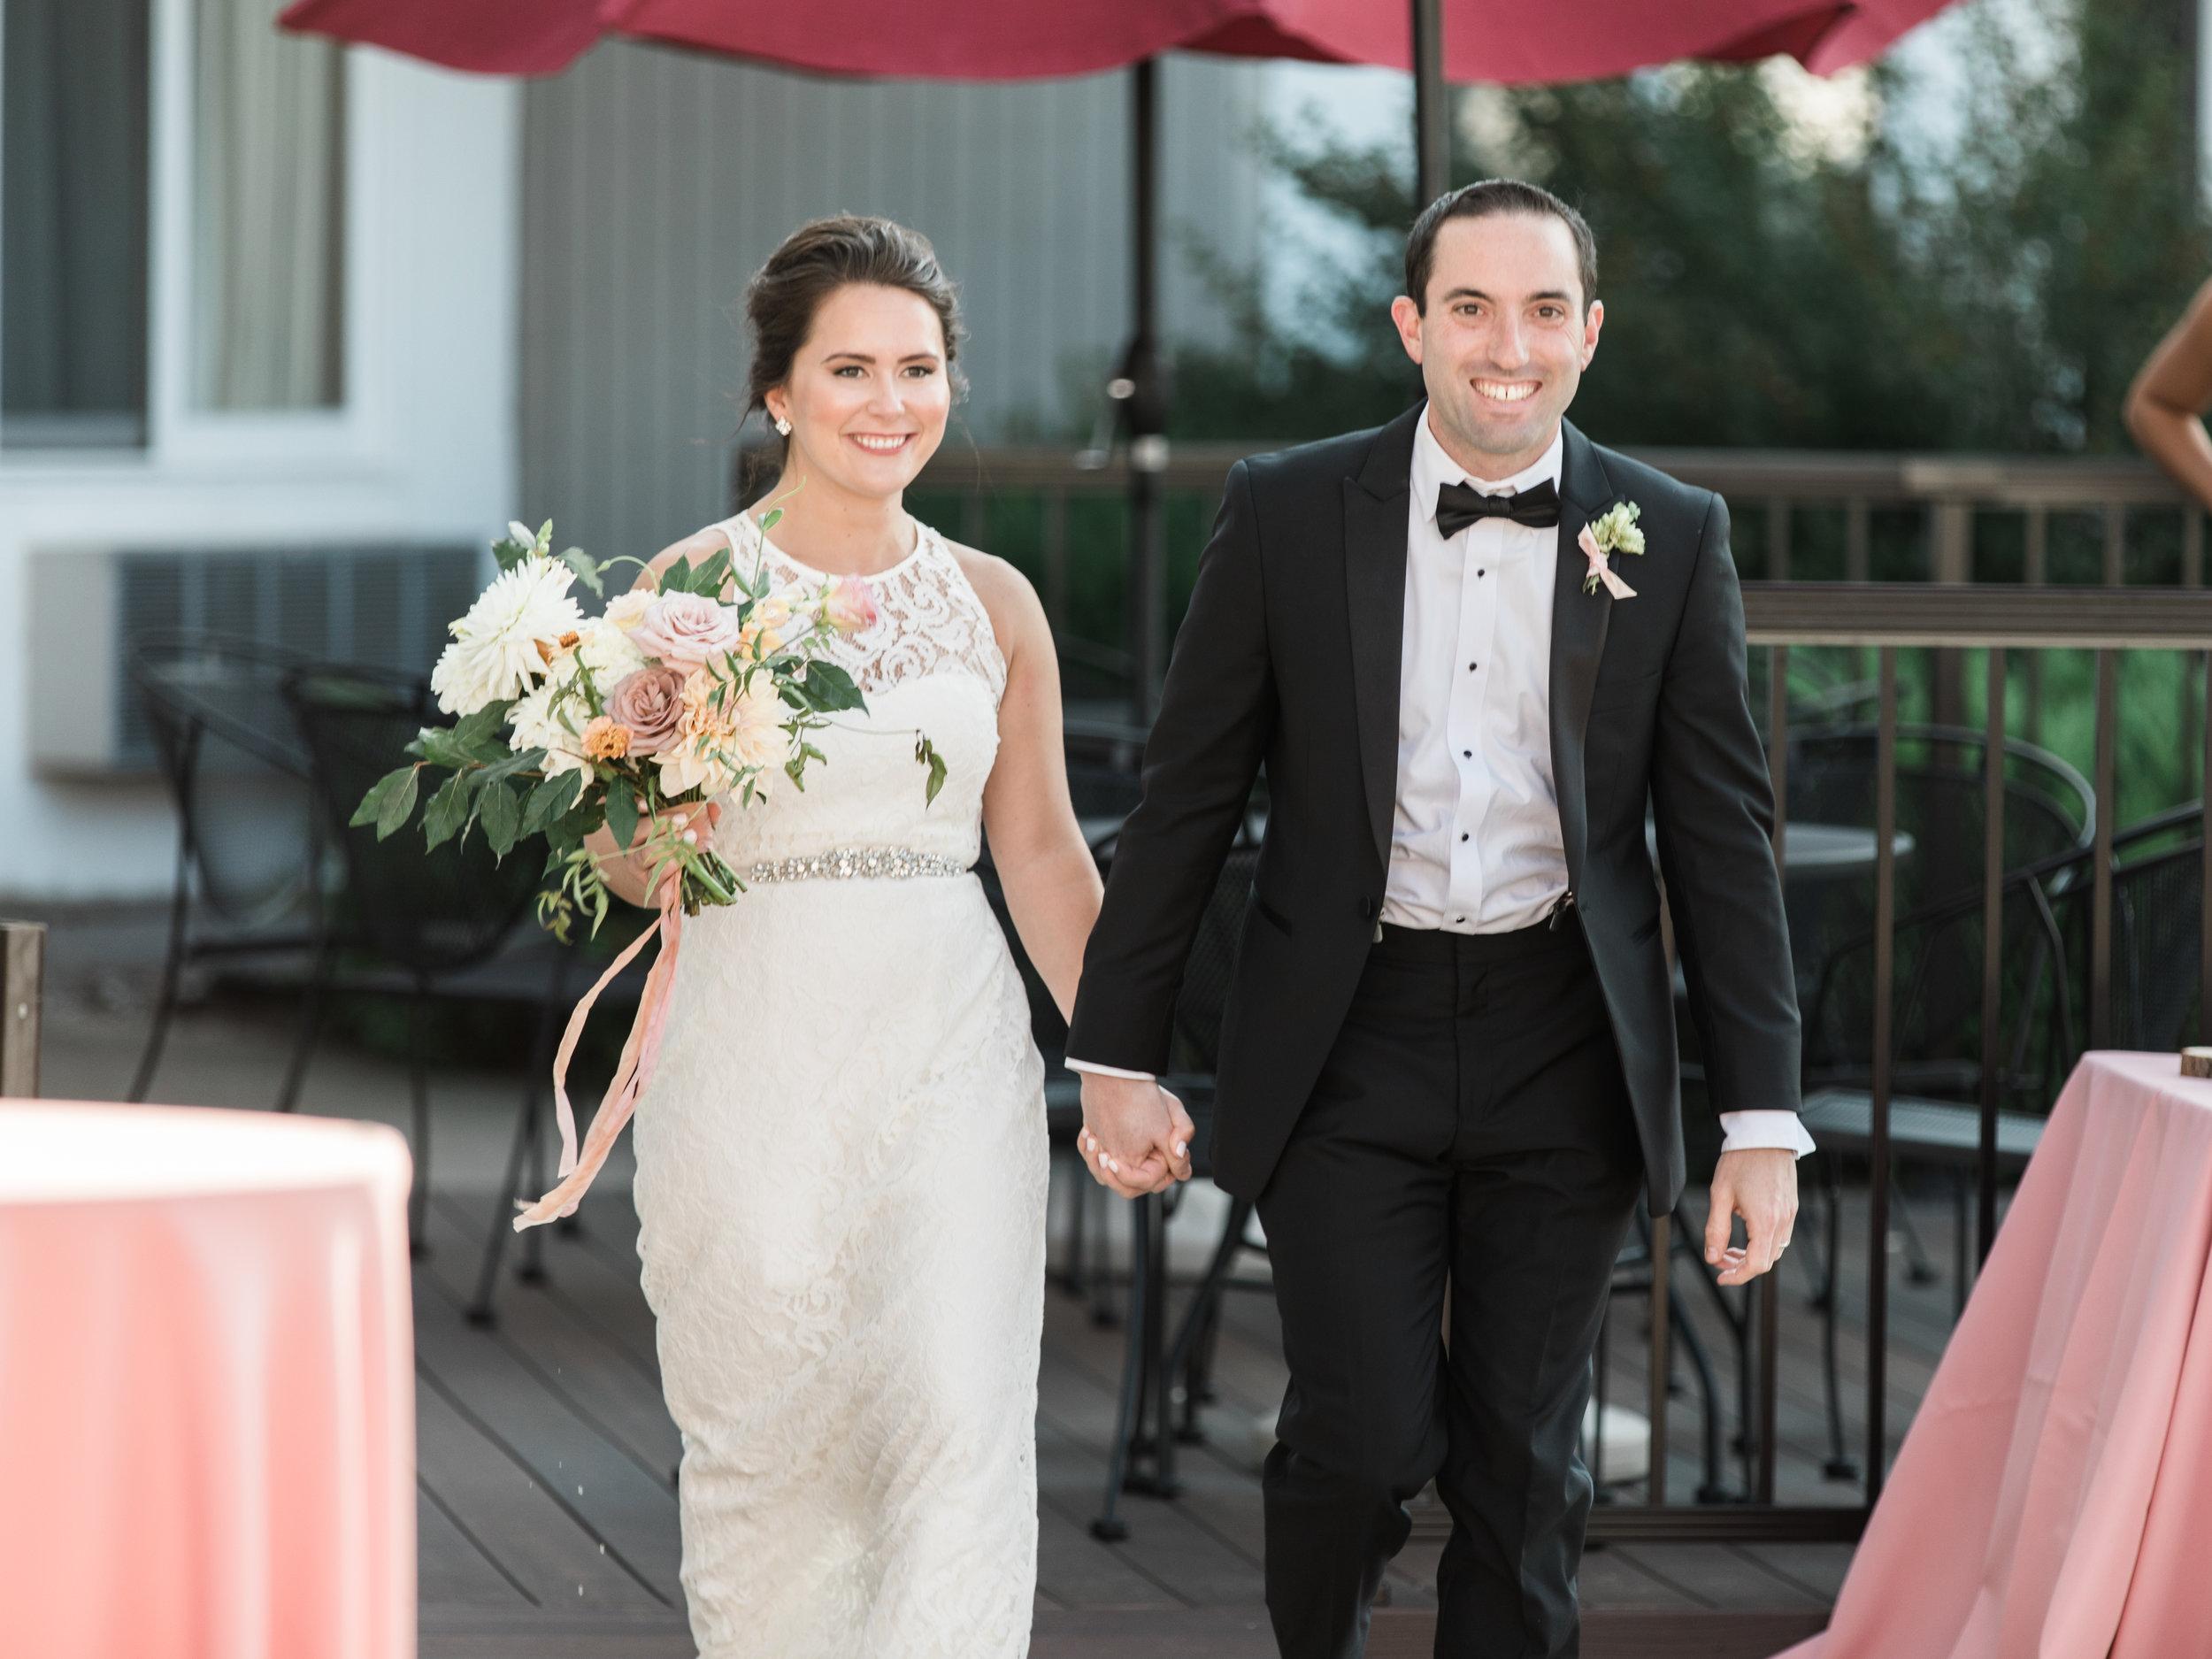 Zoller+Wedding+Reception+Entrances-60.jpg